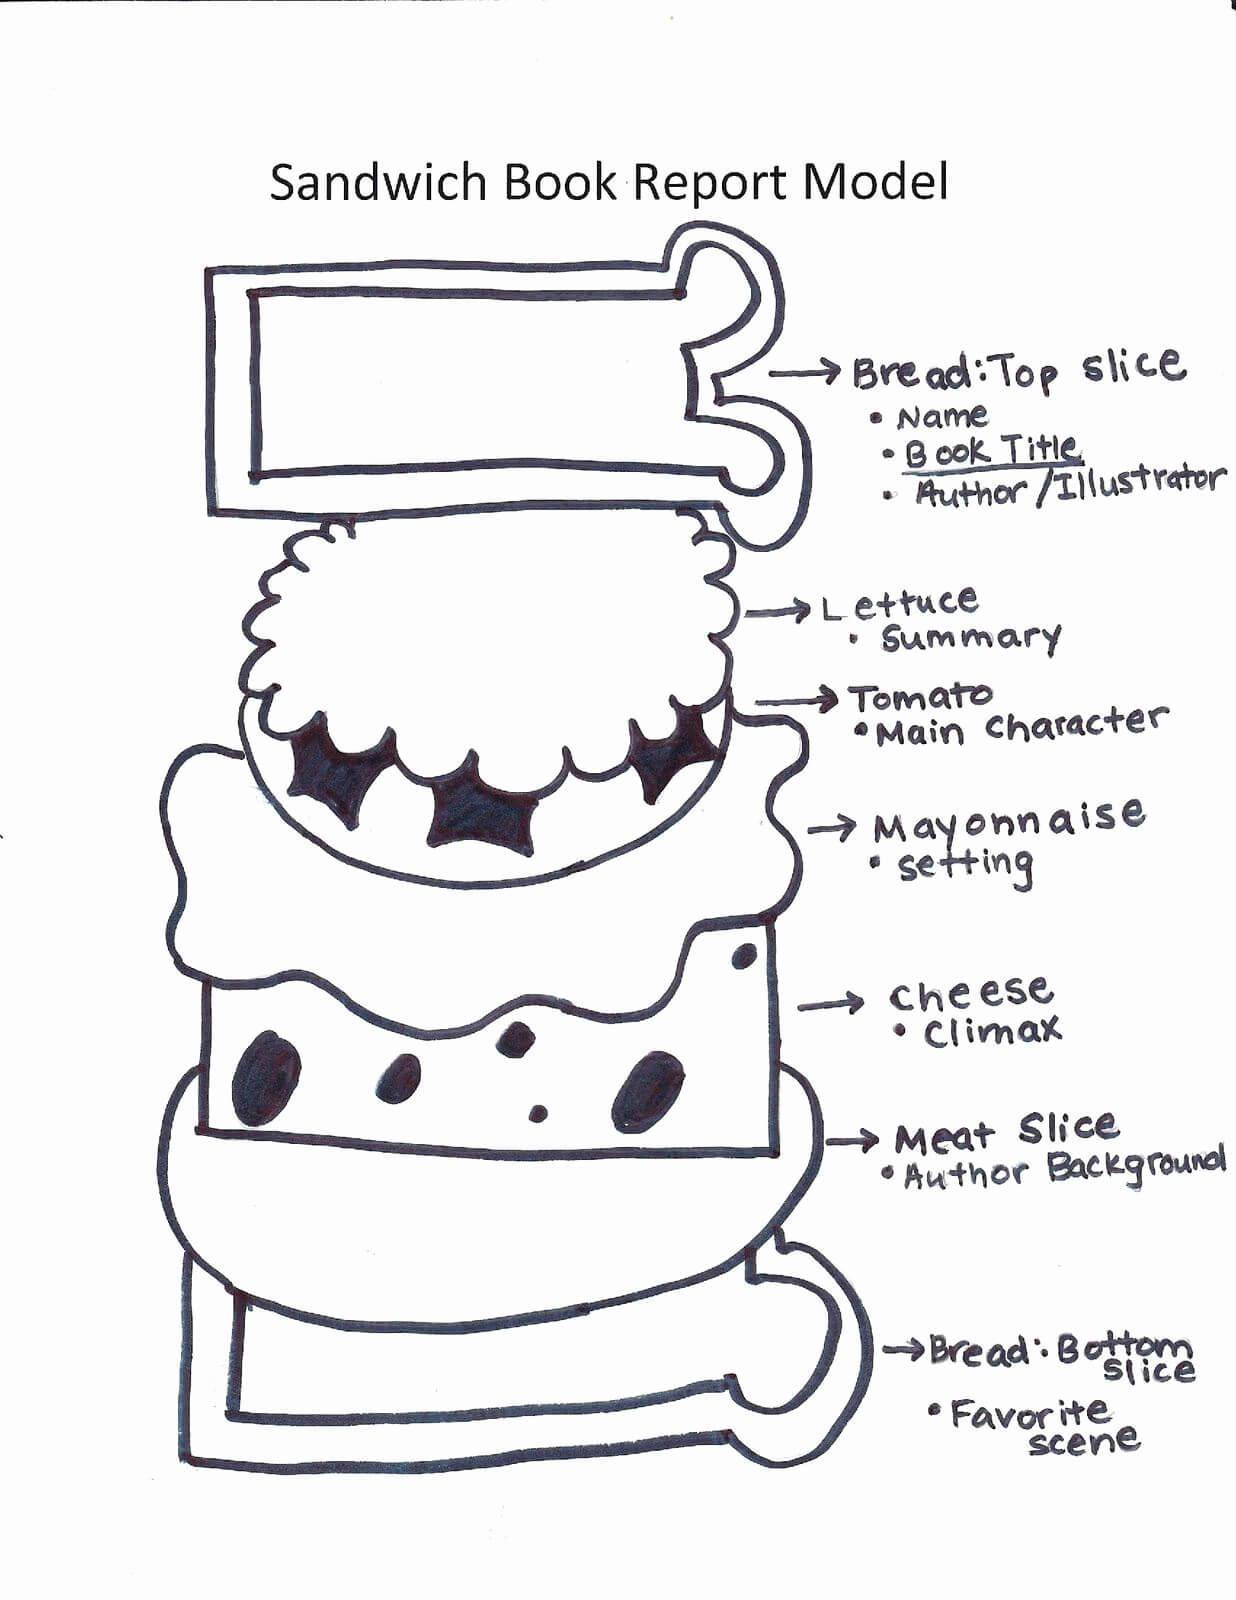 Book Report Sandwich Template – Zimer.bwong.co Inside Sandwich Book Report Printable Template